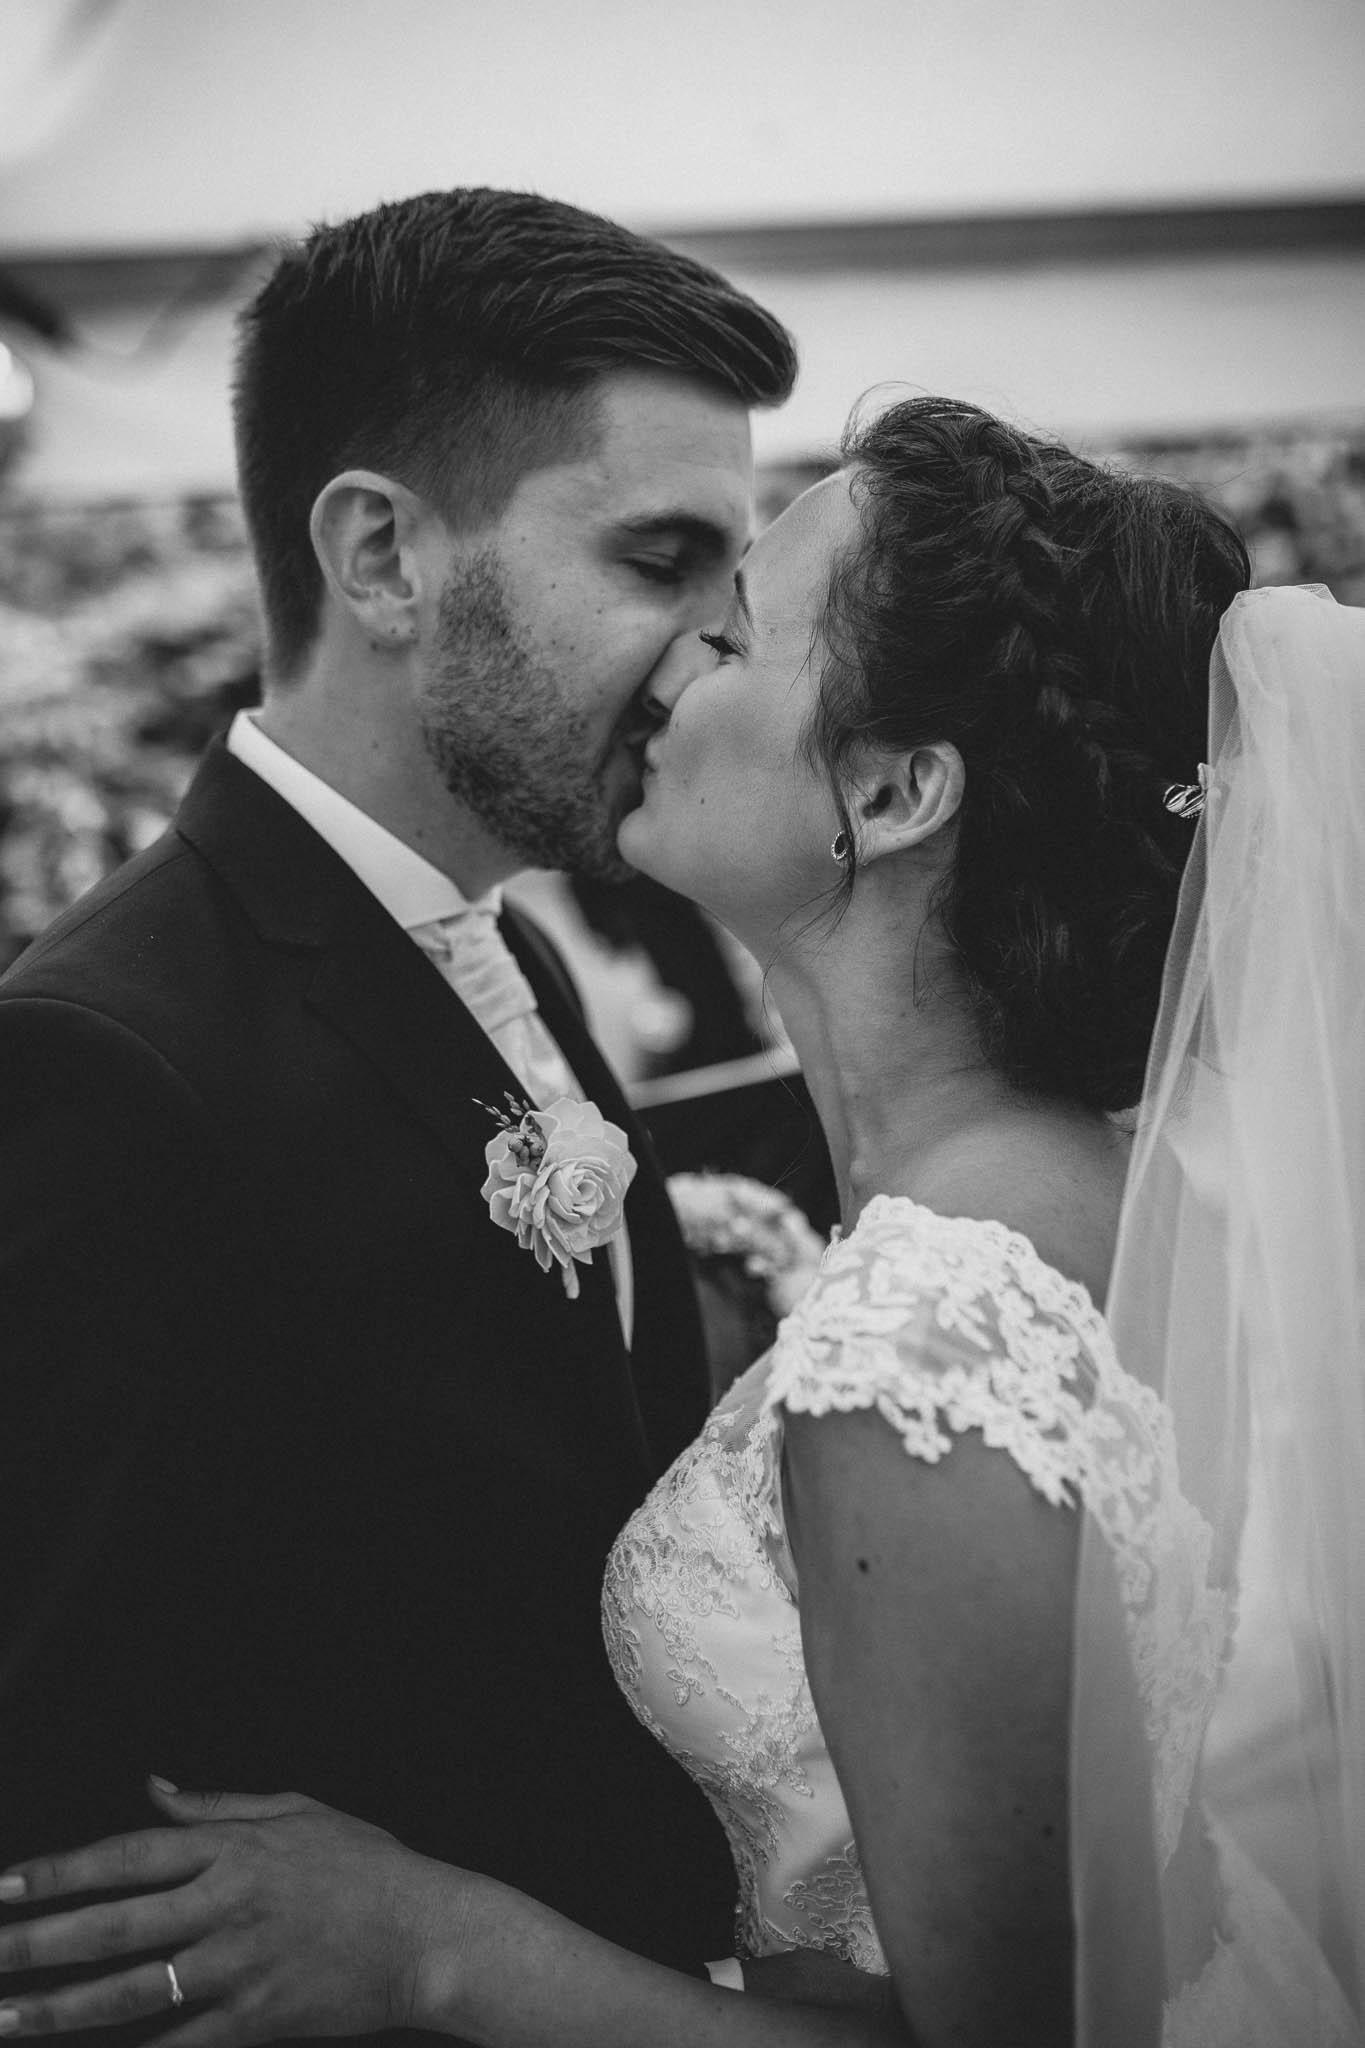 Hochzeitsfotograf Monzernheim: freie Trauung von Sarah & Patrick 24